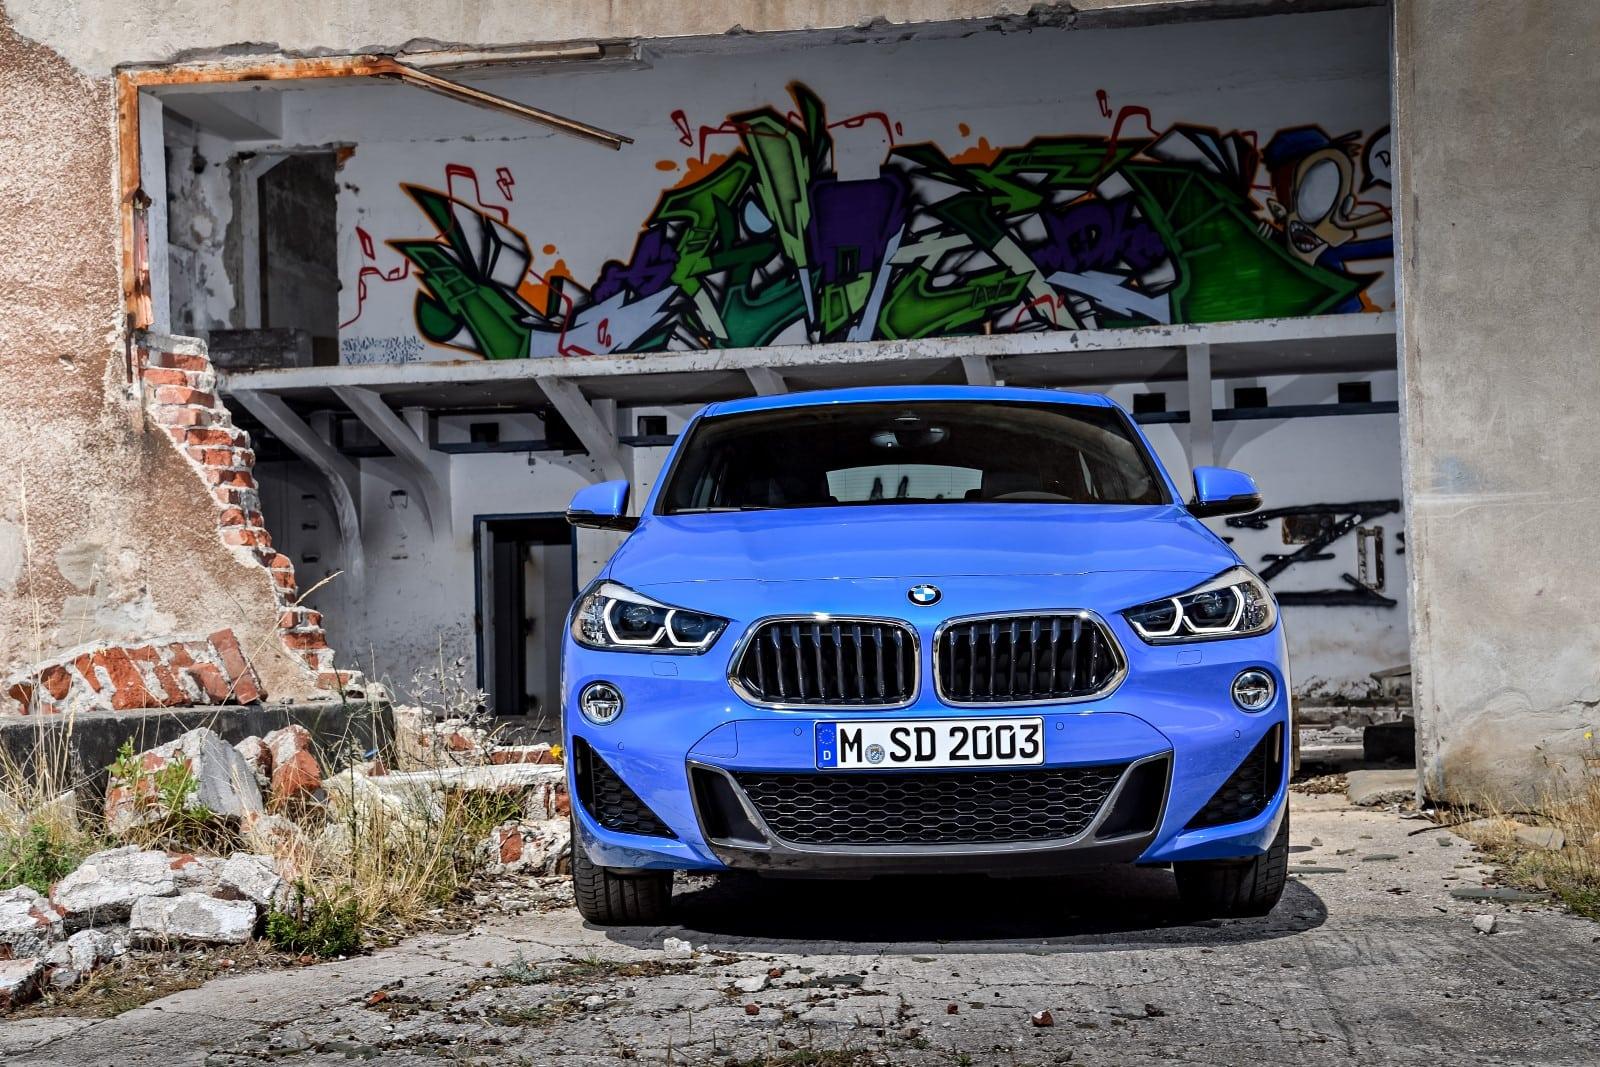 BMW X2 2018 Exterior Blue